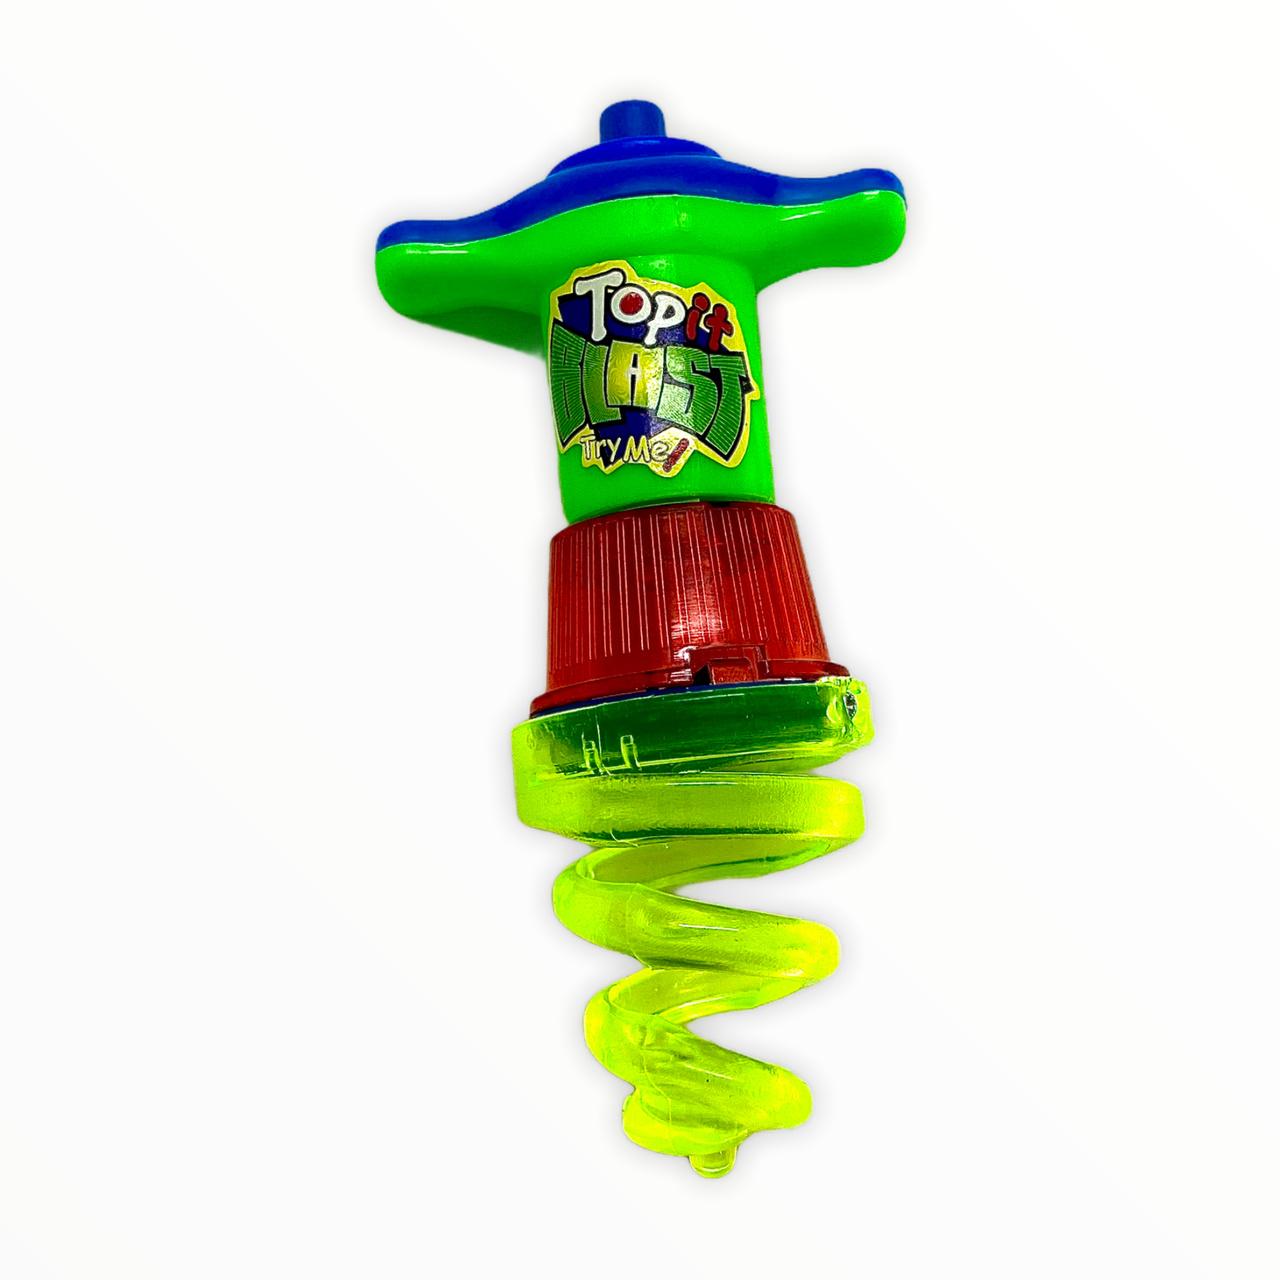 Brinquedo Pião Giratório com Luzes VIPIMPORT